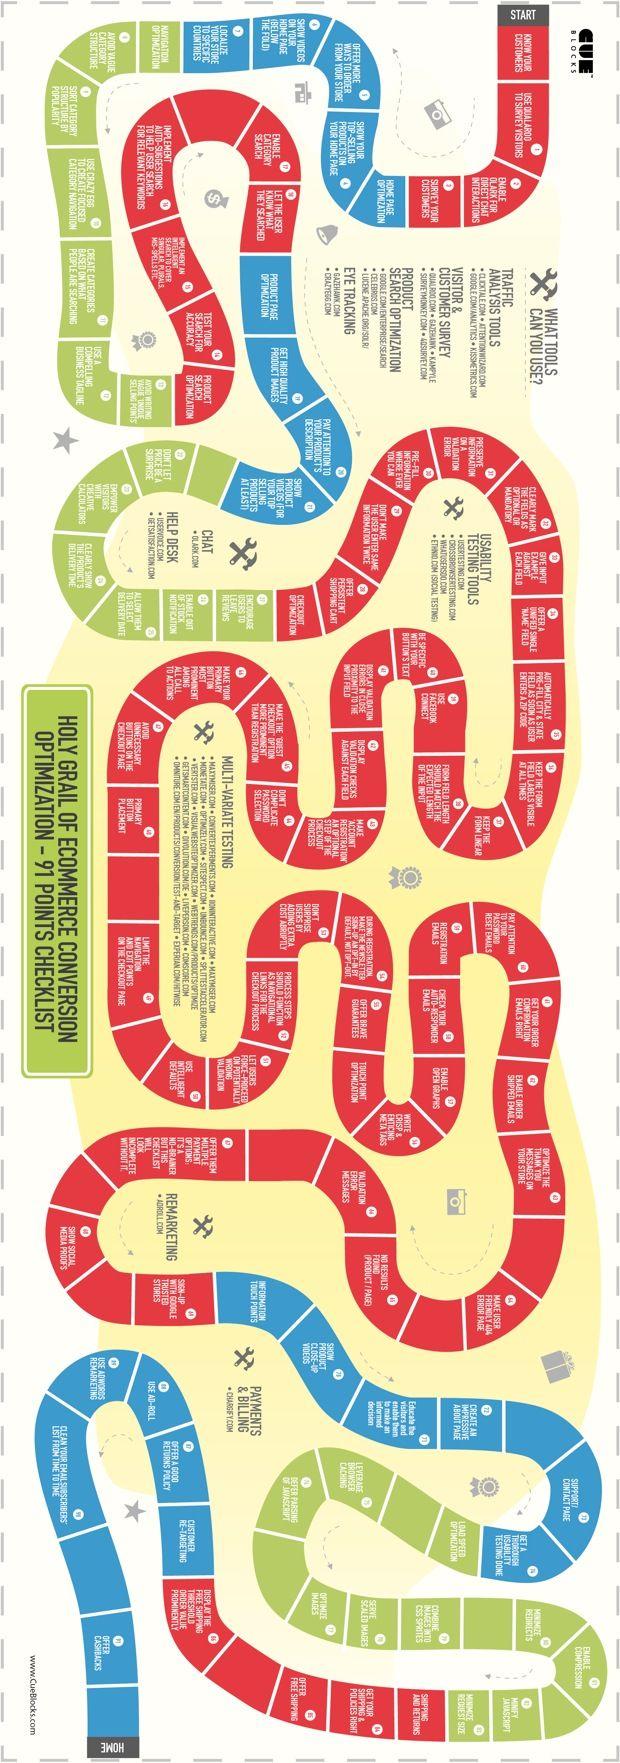 91 sposobów na optymalizację konwersji w e-commerce – świetna infografika